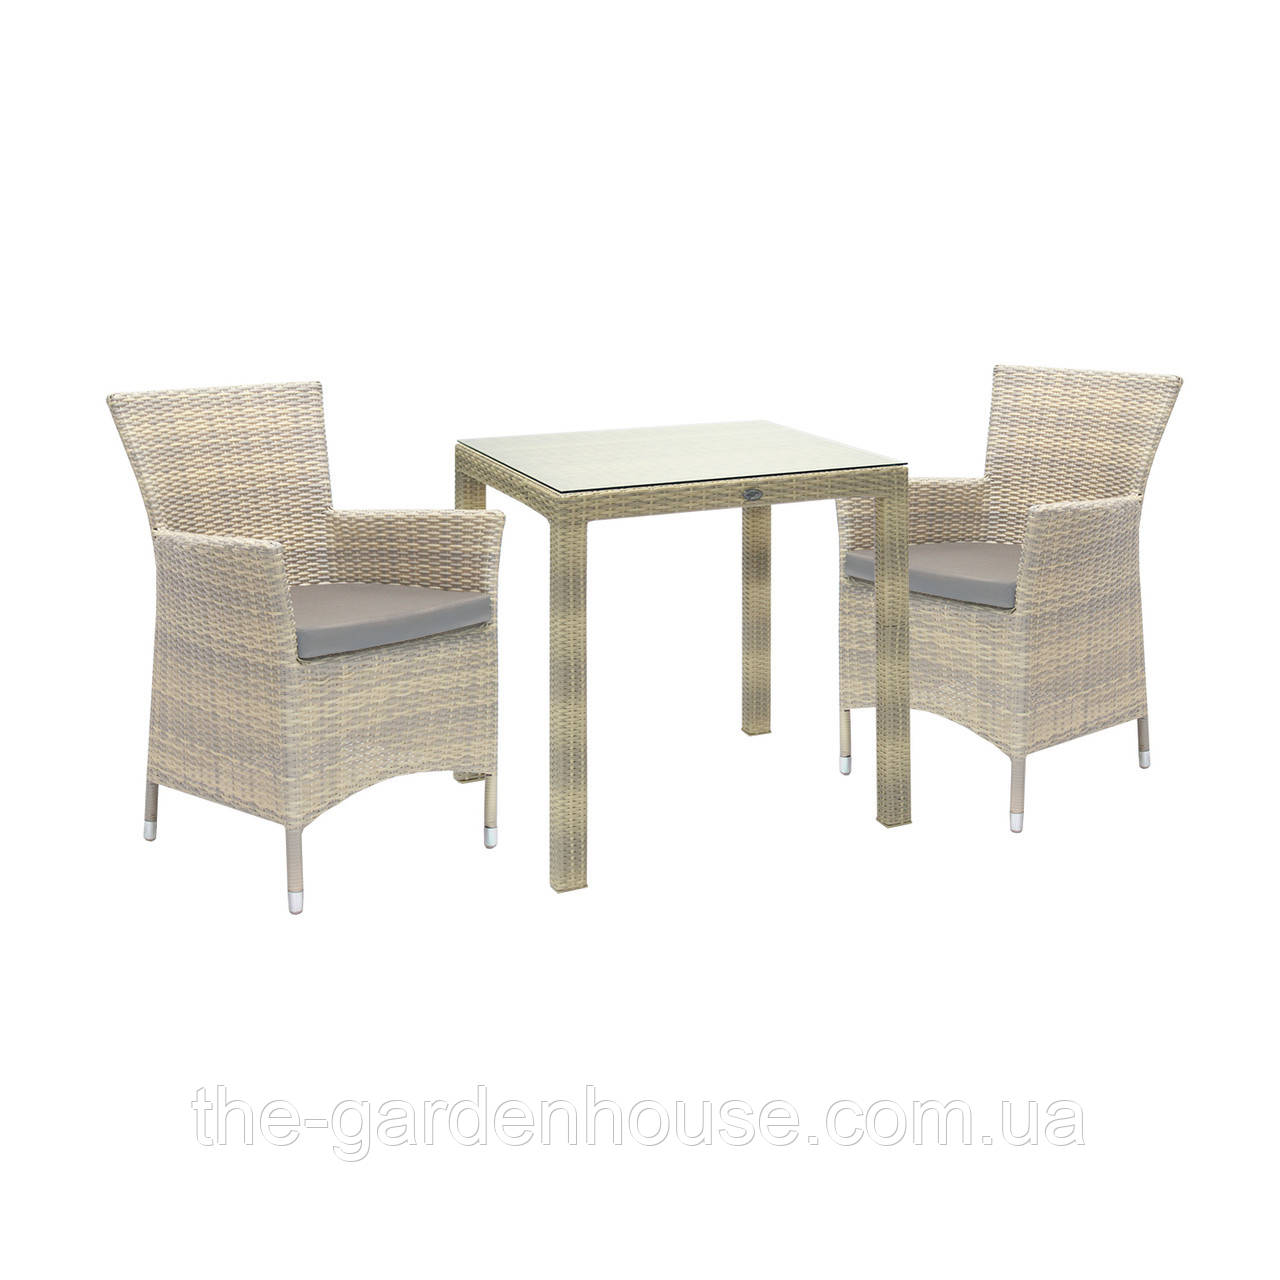 Двухместный набор садовой мебели Викер из техноротанга светло-бежевый